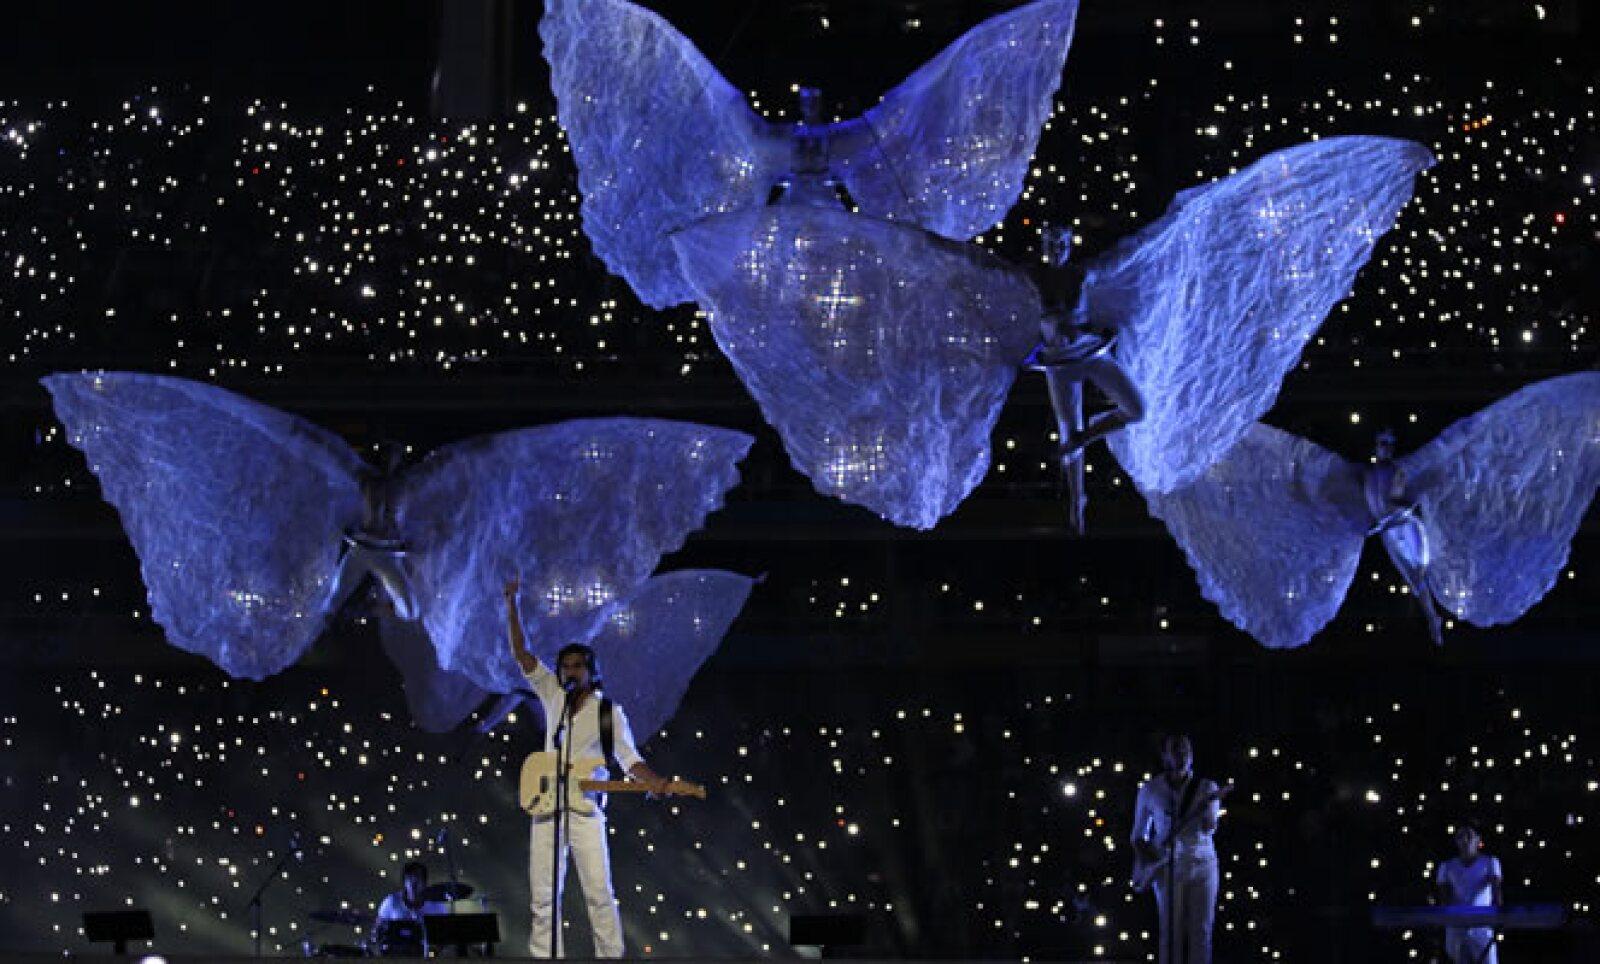 Las voces del grupo Maná, el colombiano Juanes, y Lila Downs, acompañada del tenor José Luis Duval y Eugenia León llenaron de emoción la ceremonia. Nortec sorprendió a todos con el espectáculo de luces y acróbatas que acompañó su presentación de música el